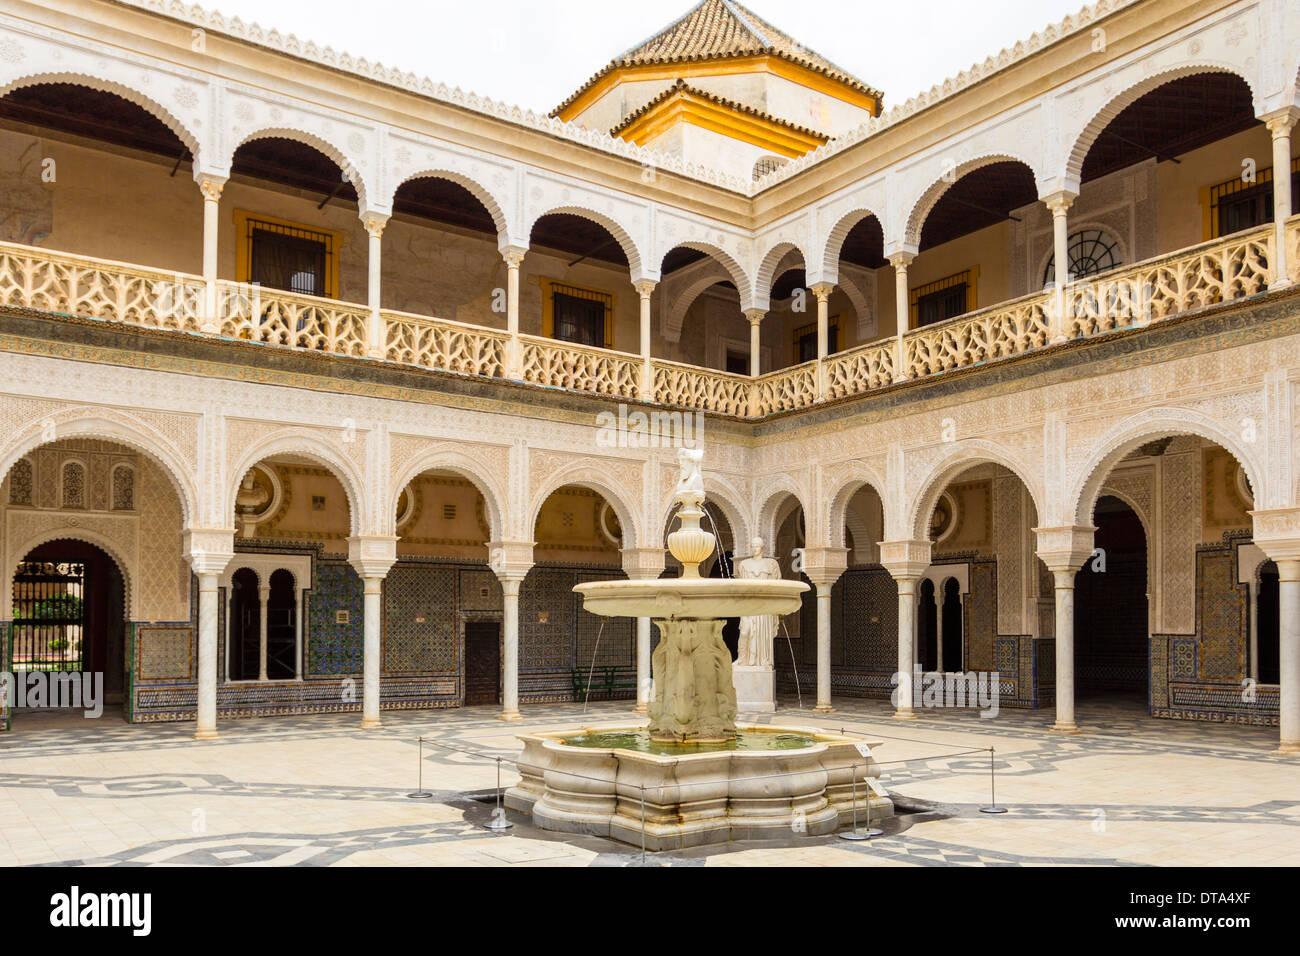 SEVILLE SPAIN INTERIOR COURTYARD AND FOUNTAIN OF THE CASA DE PILATOS Stock Photo